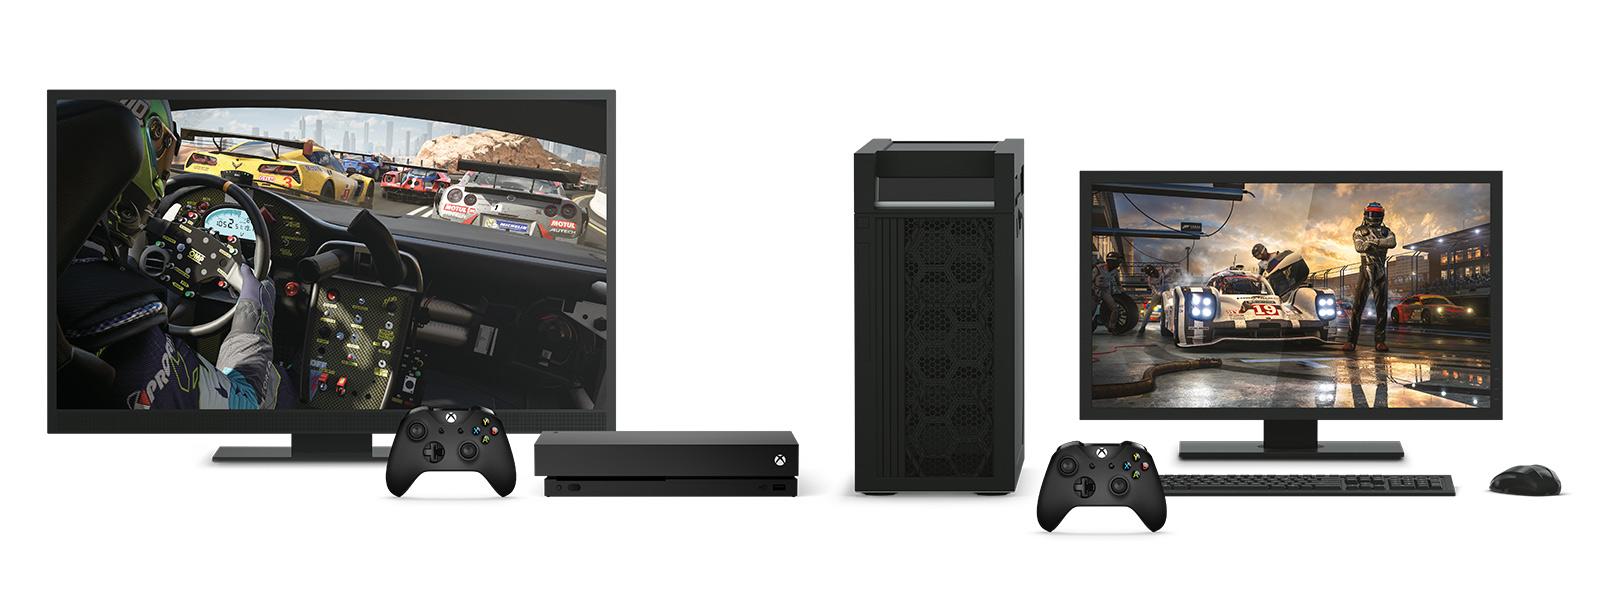 Xbox One X y un equipo de escritorio en 4K con Forza Motorsport 7 en un televisor y un monitor